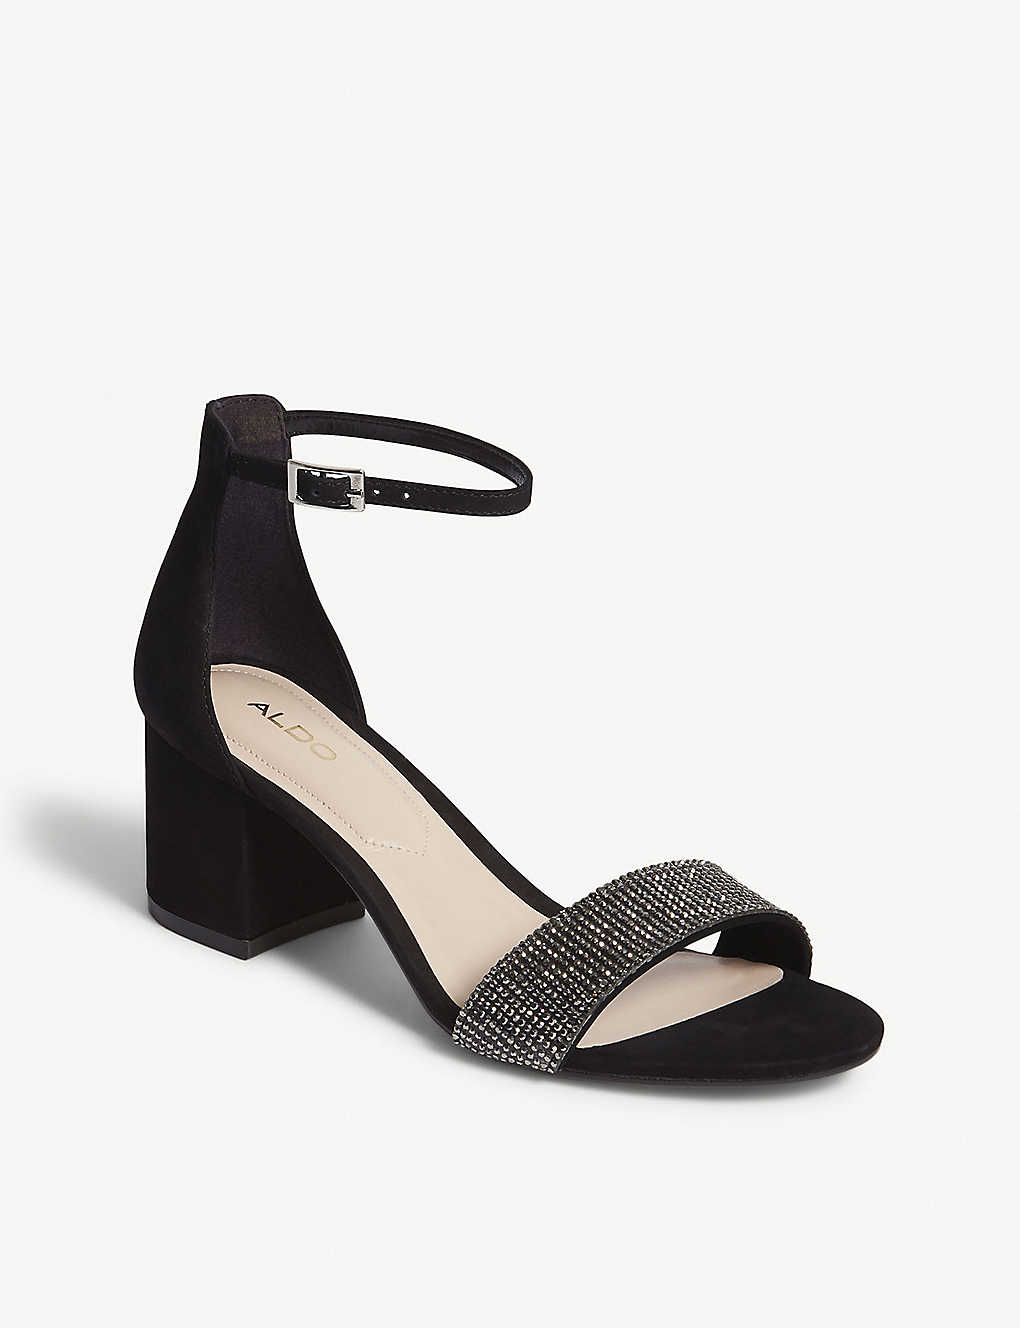 0fb3ba08b6d4 ... Gladoniel block heel sandals - Black nubuck ...